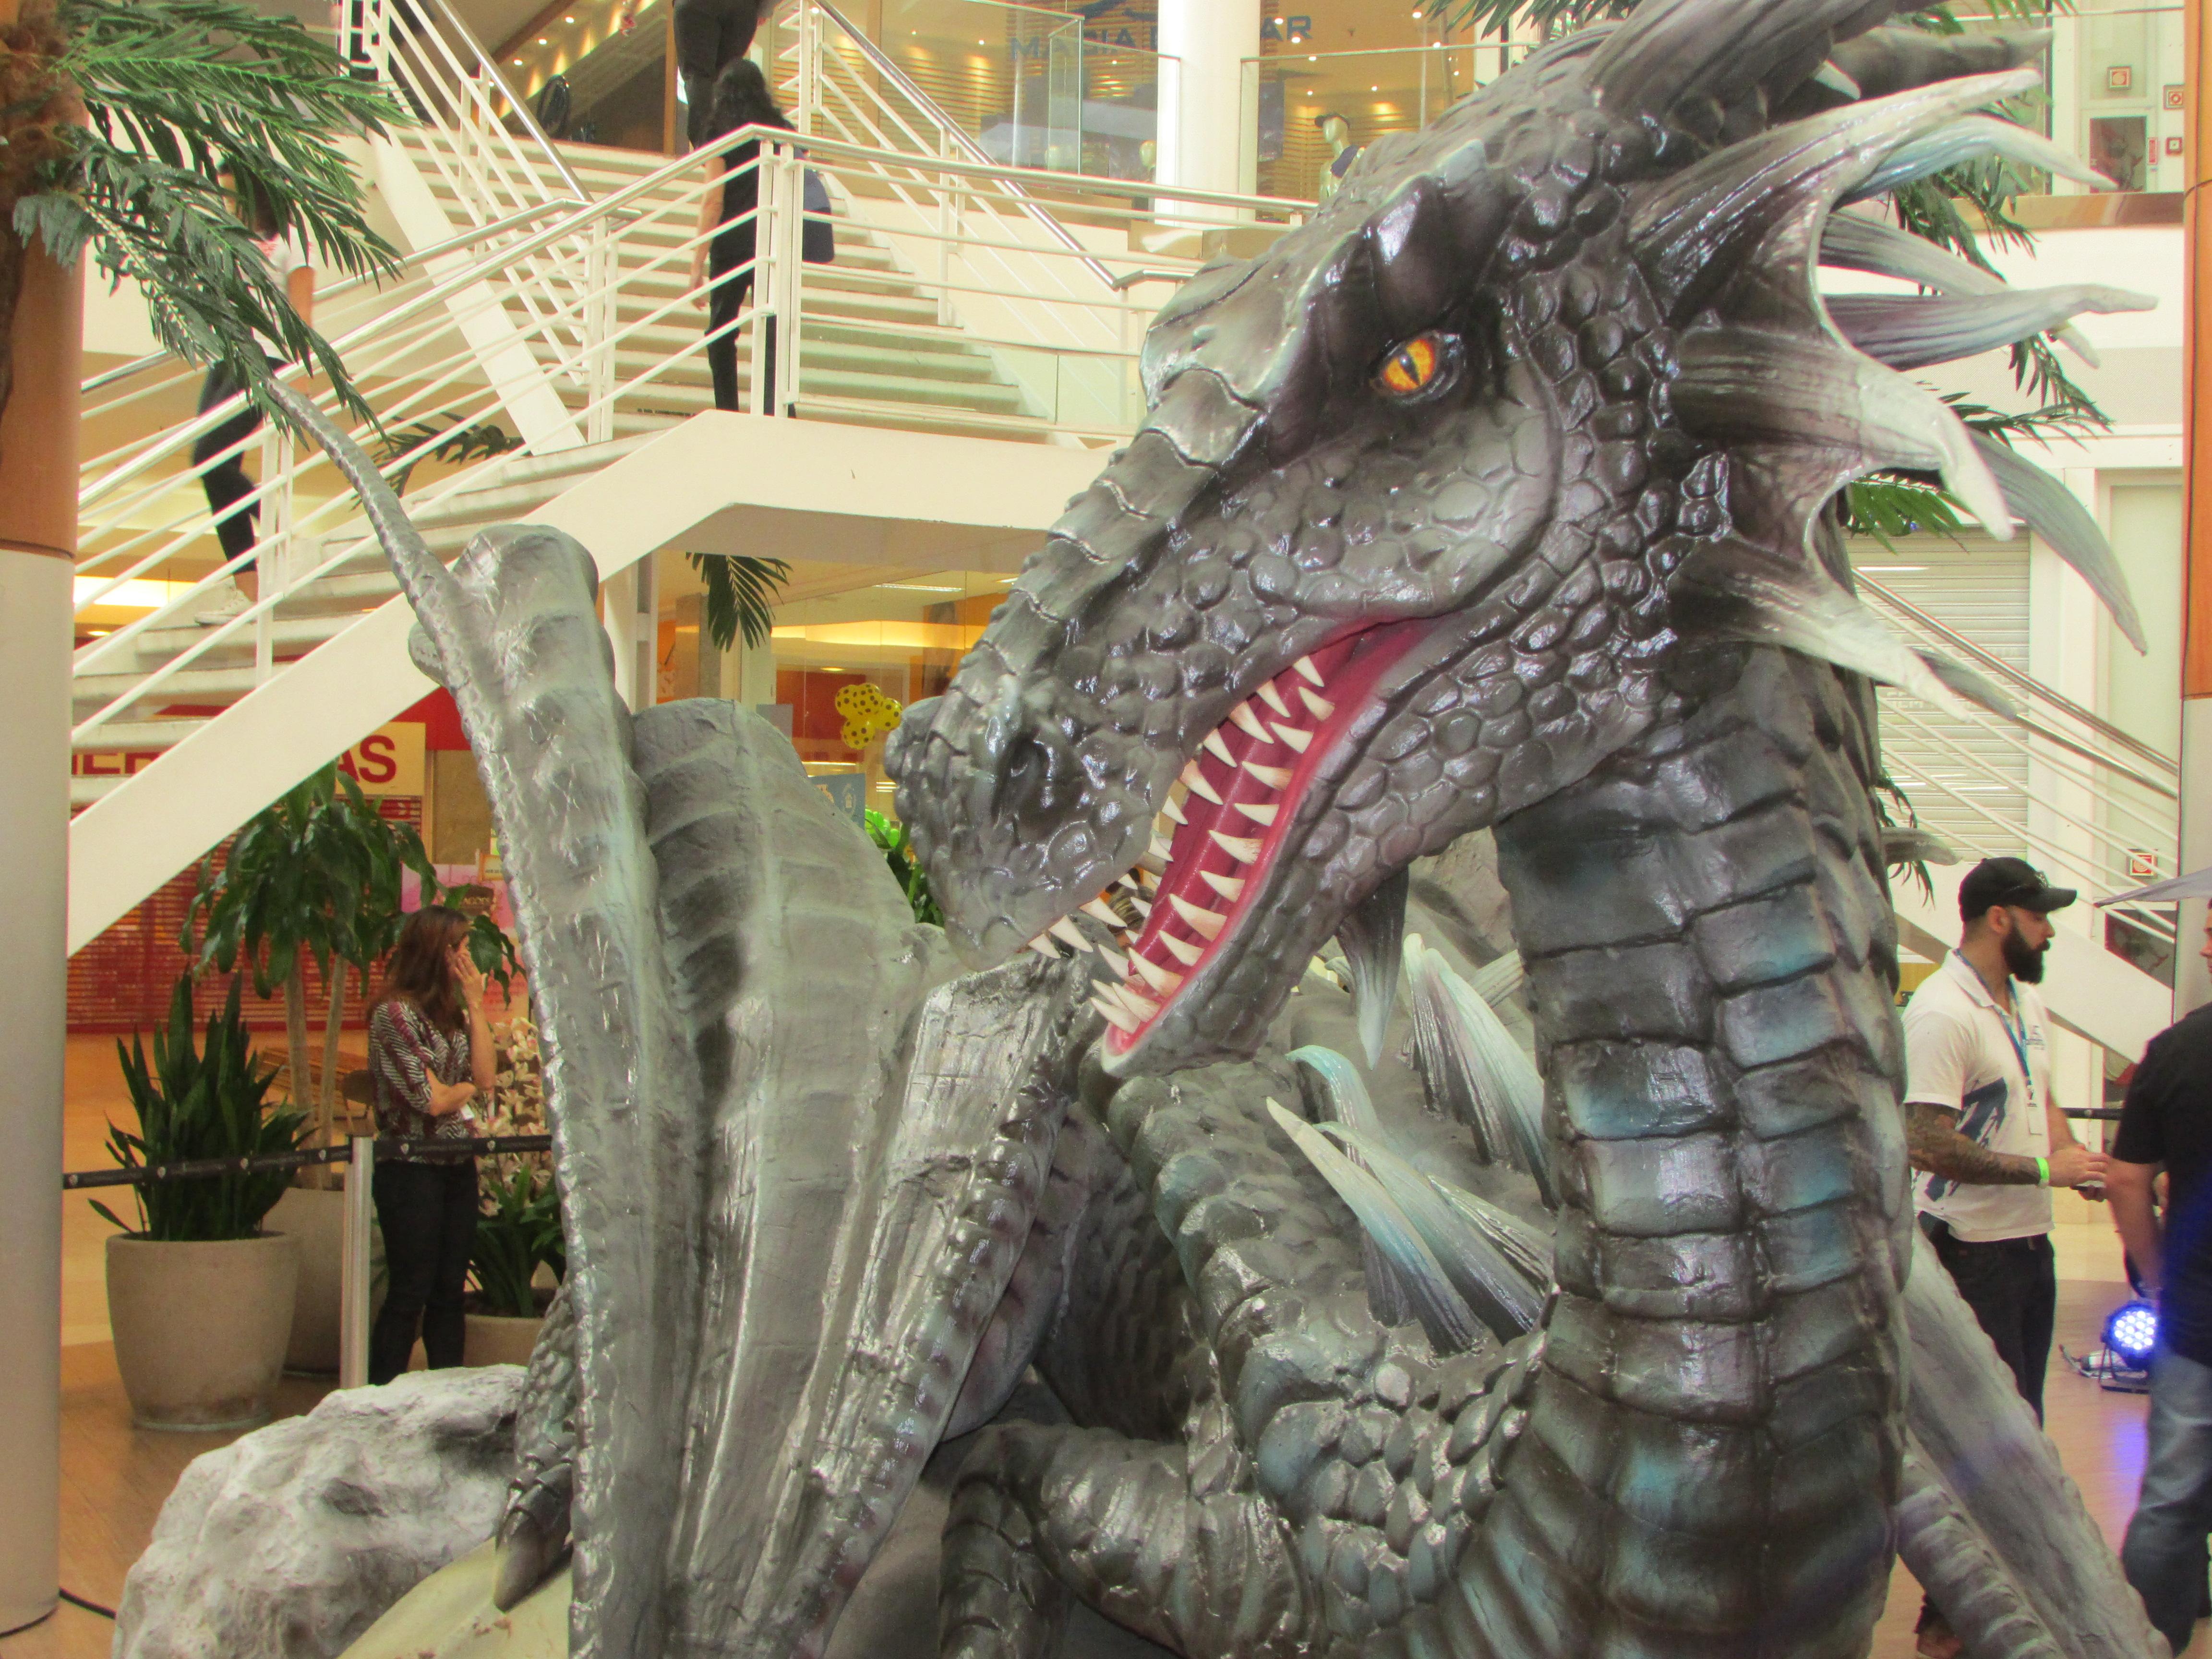 Exposição Internacional traz dragões de até 6 metros para Vitória ...